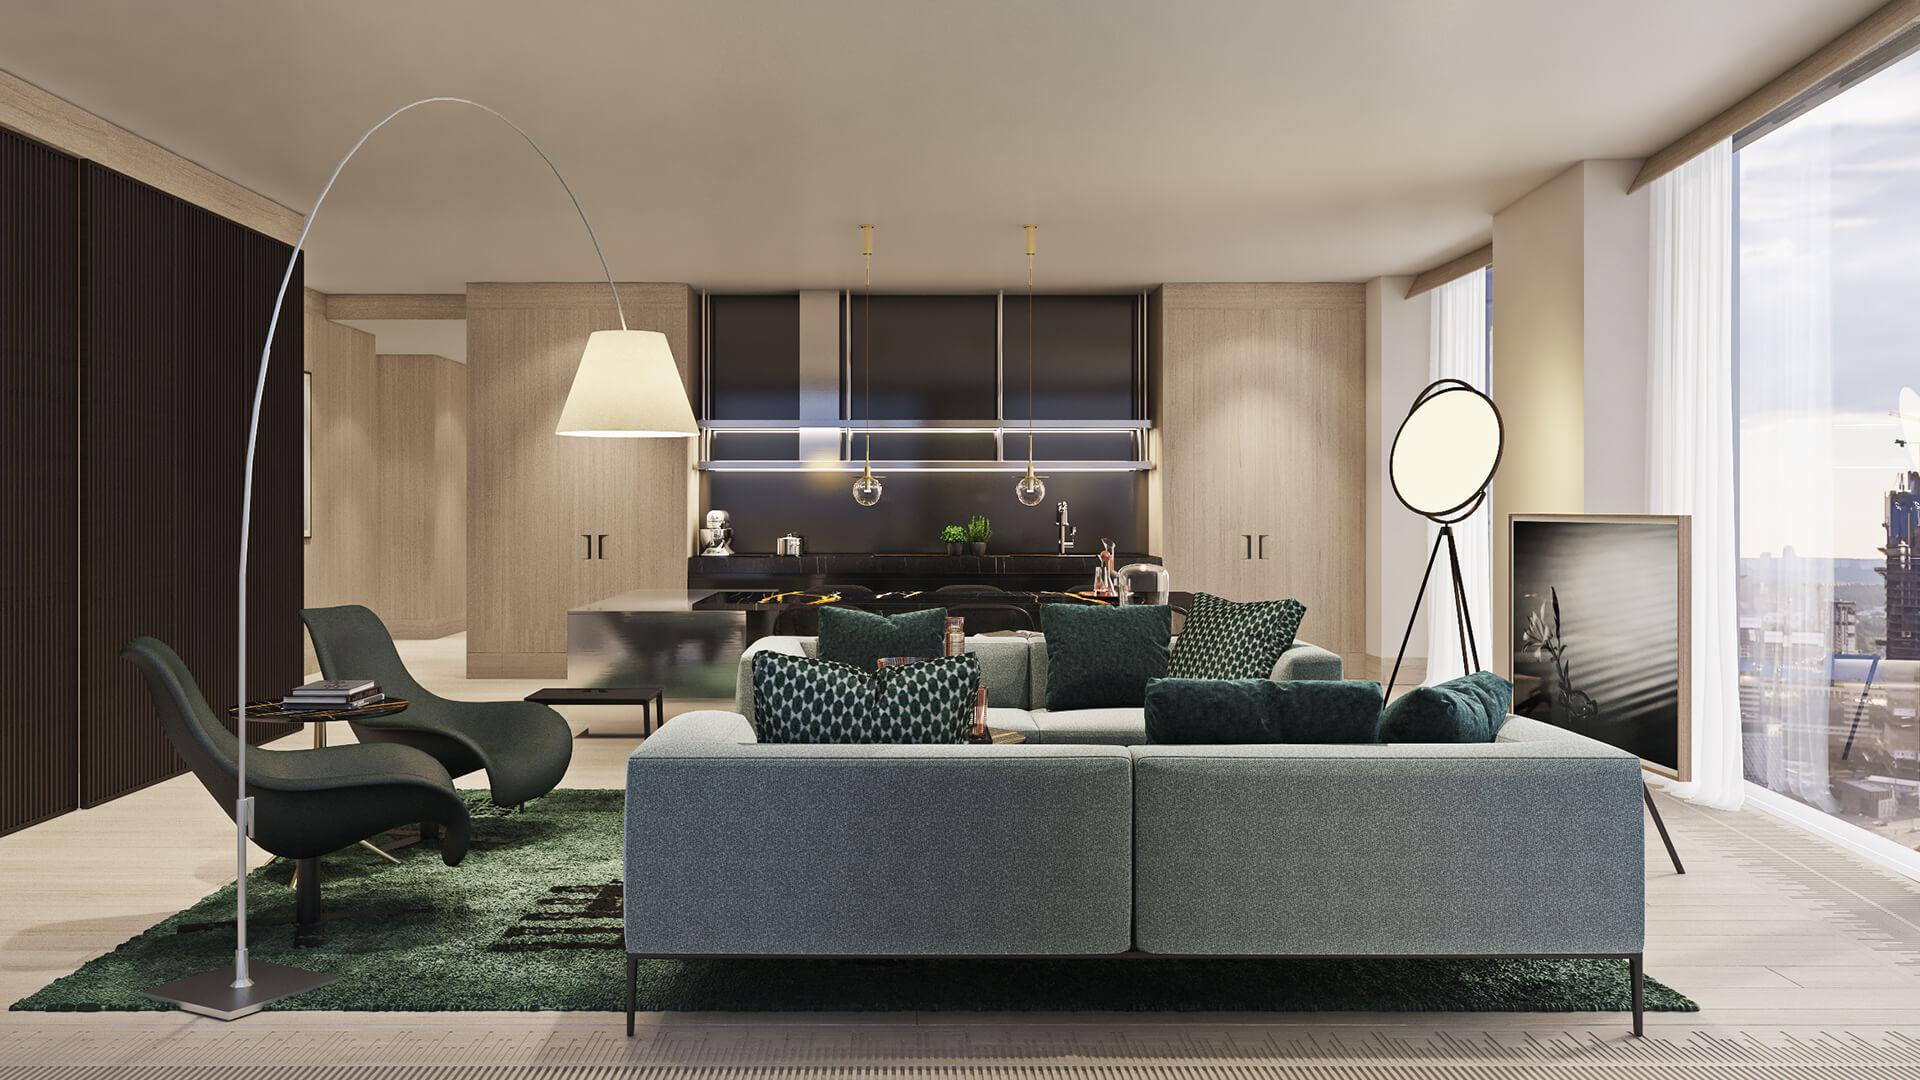 Премиальная отделка квартир жилого комплекса Capital Towers